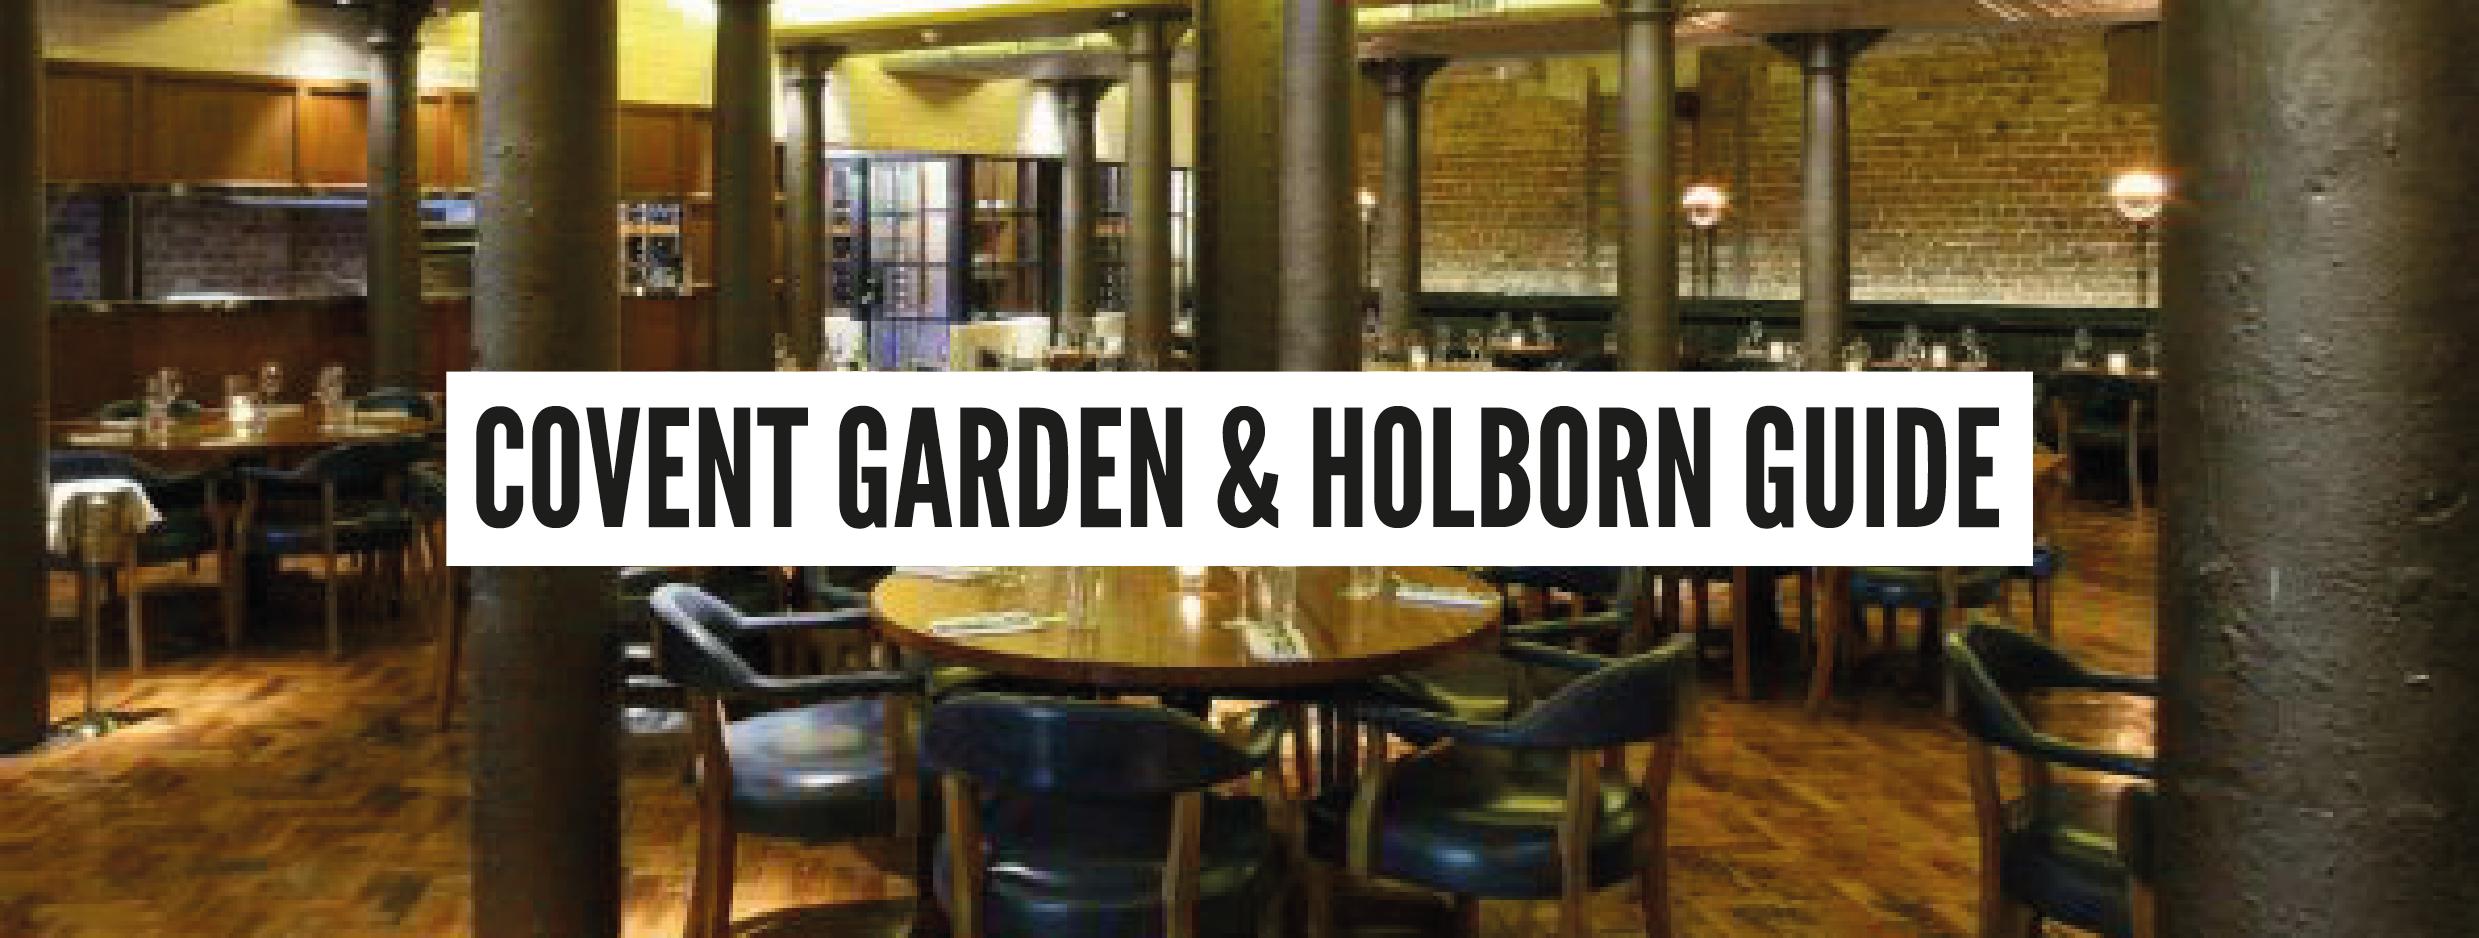 London Neighbourhood Guides - Covent Garden & Holborn